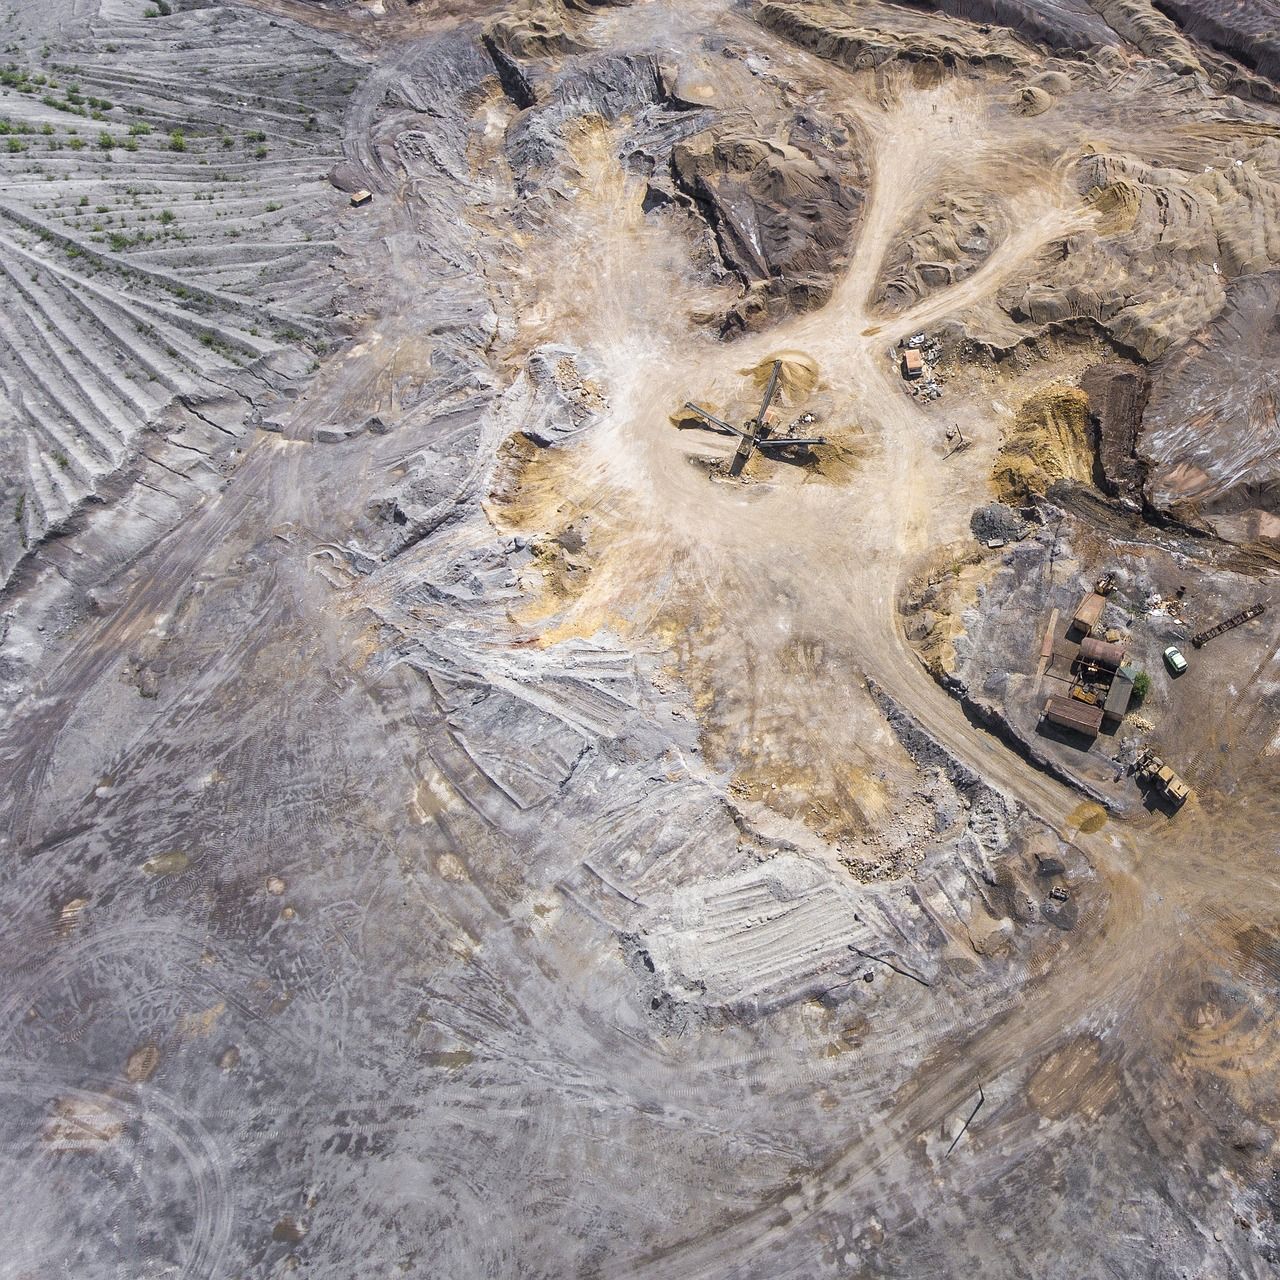 Mina junto ao Montesinho ameaça recursos hídricos e espécies protegidas